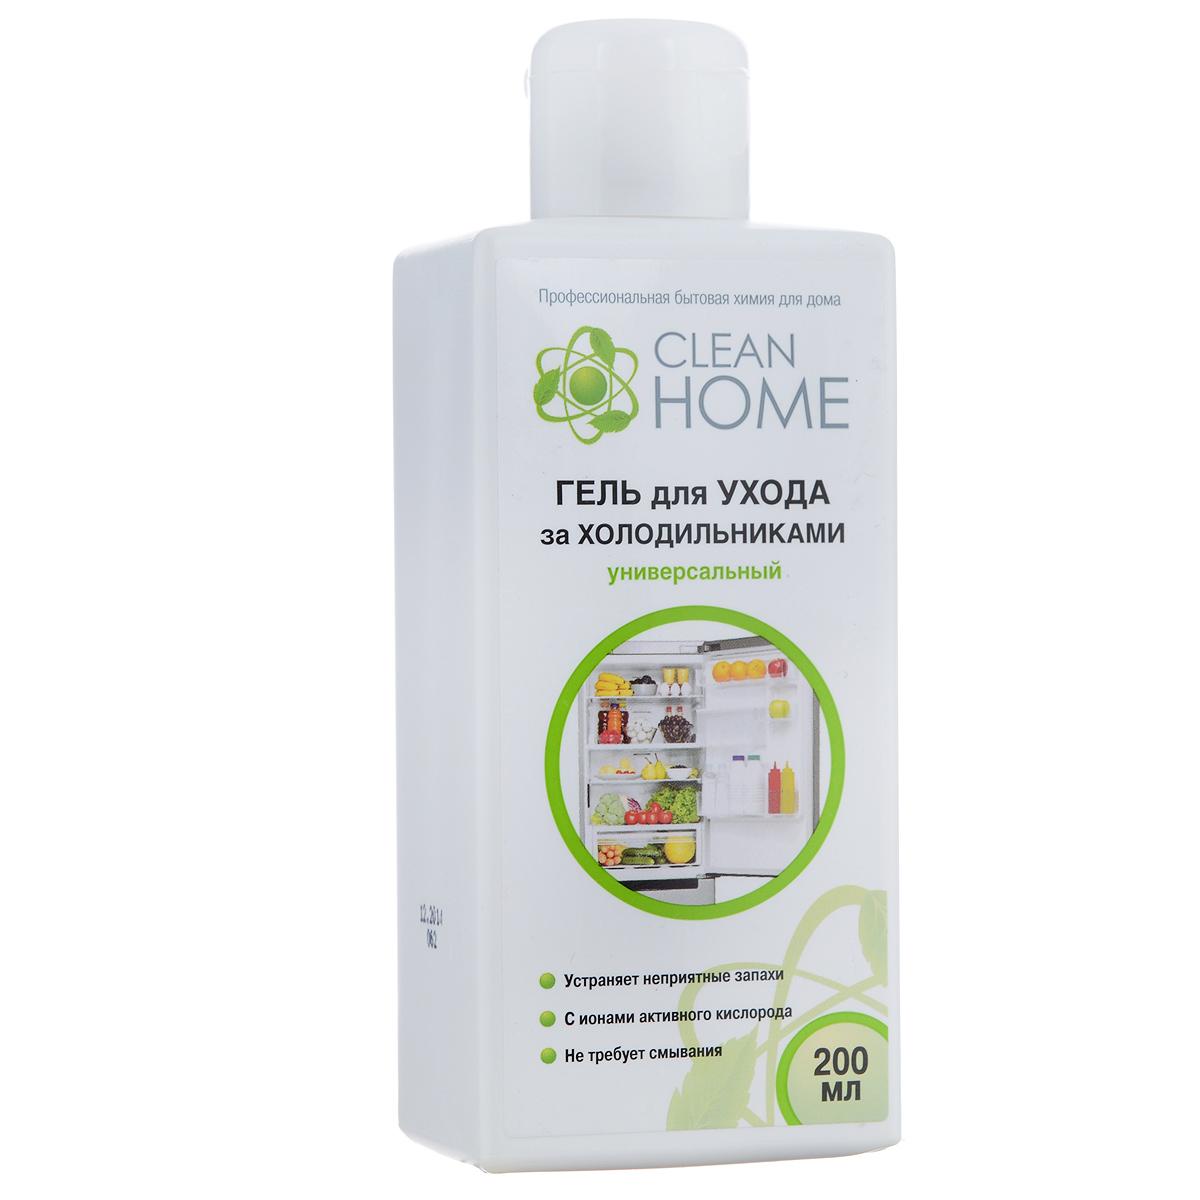 Гель Clean Home, для ухода за холодильниками, 200 мл394Универсальный моющий гель Clean Home предназначен дляочистки и мытья холодильников и различных бытовых пластиковых поверхностей. Обладает дезинфицирующими свойствами и не повреждает пластик. Уменьшает желтизну на поверхности пластика. Не требует смывания! Линия профессиональной бытовой химии для дома Clean Home представлена гаммой средств для стирки и уборки дома. Clean Home - это весь необходимый ряд высокоэффективных универсальных средств европейского качества.Состав: вода, менее 5% АПАВ, менее 5% НПАВ, глицерин, перекись водорода, антистатик, отдушка, комплексообразователь, функциональные добавки.